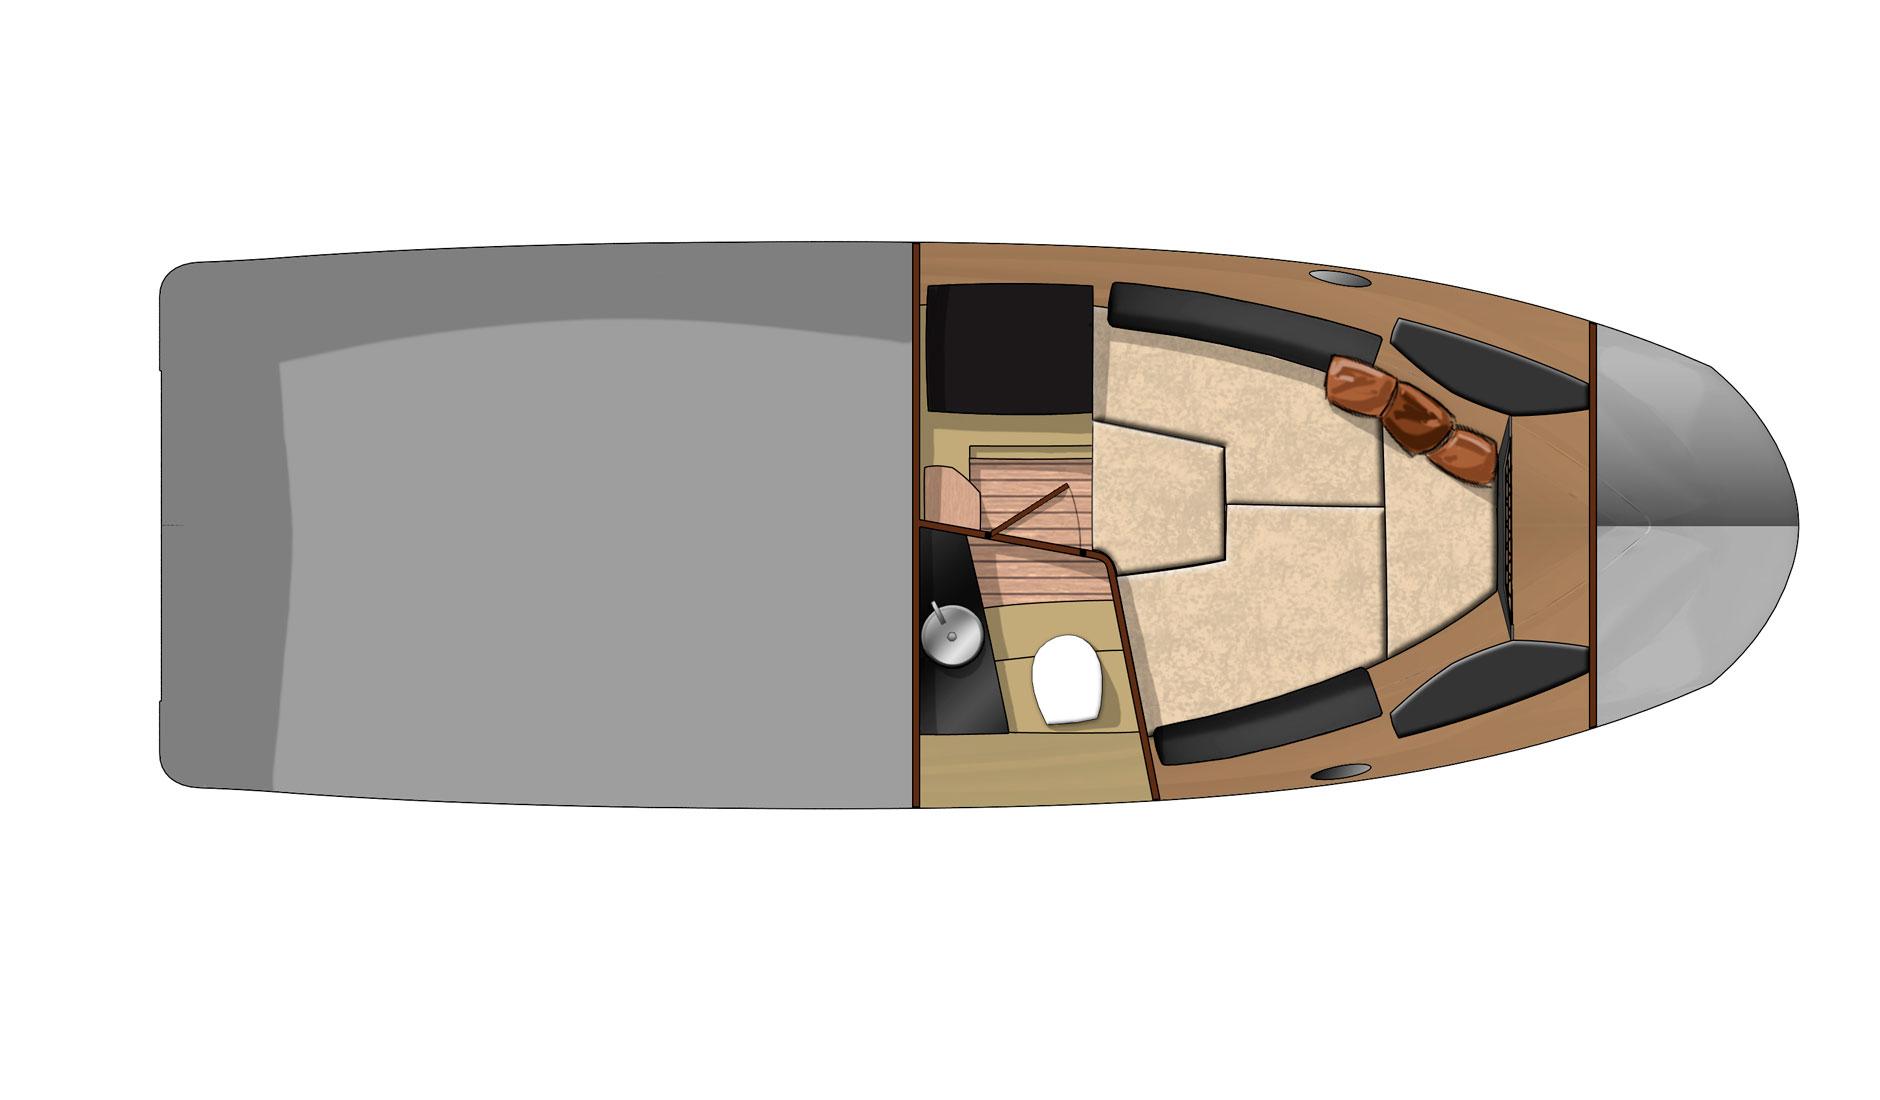 Купить Sessa Marine Key Largo 27 Outboard